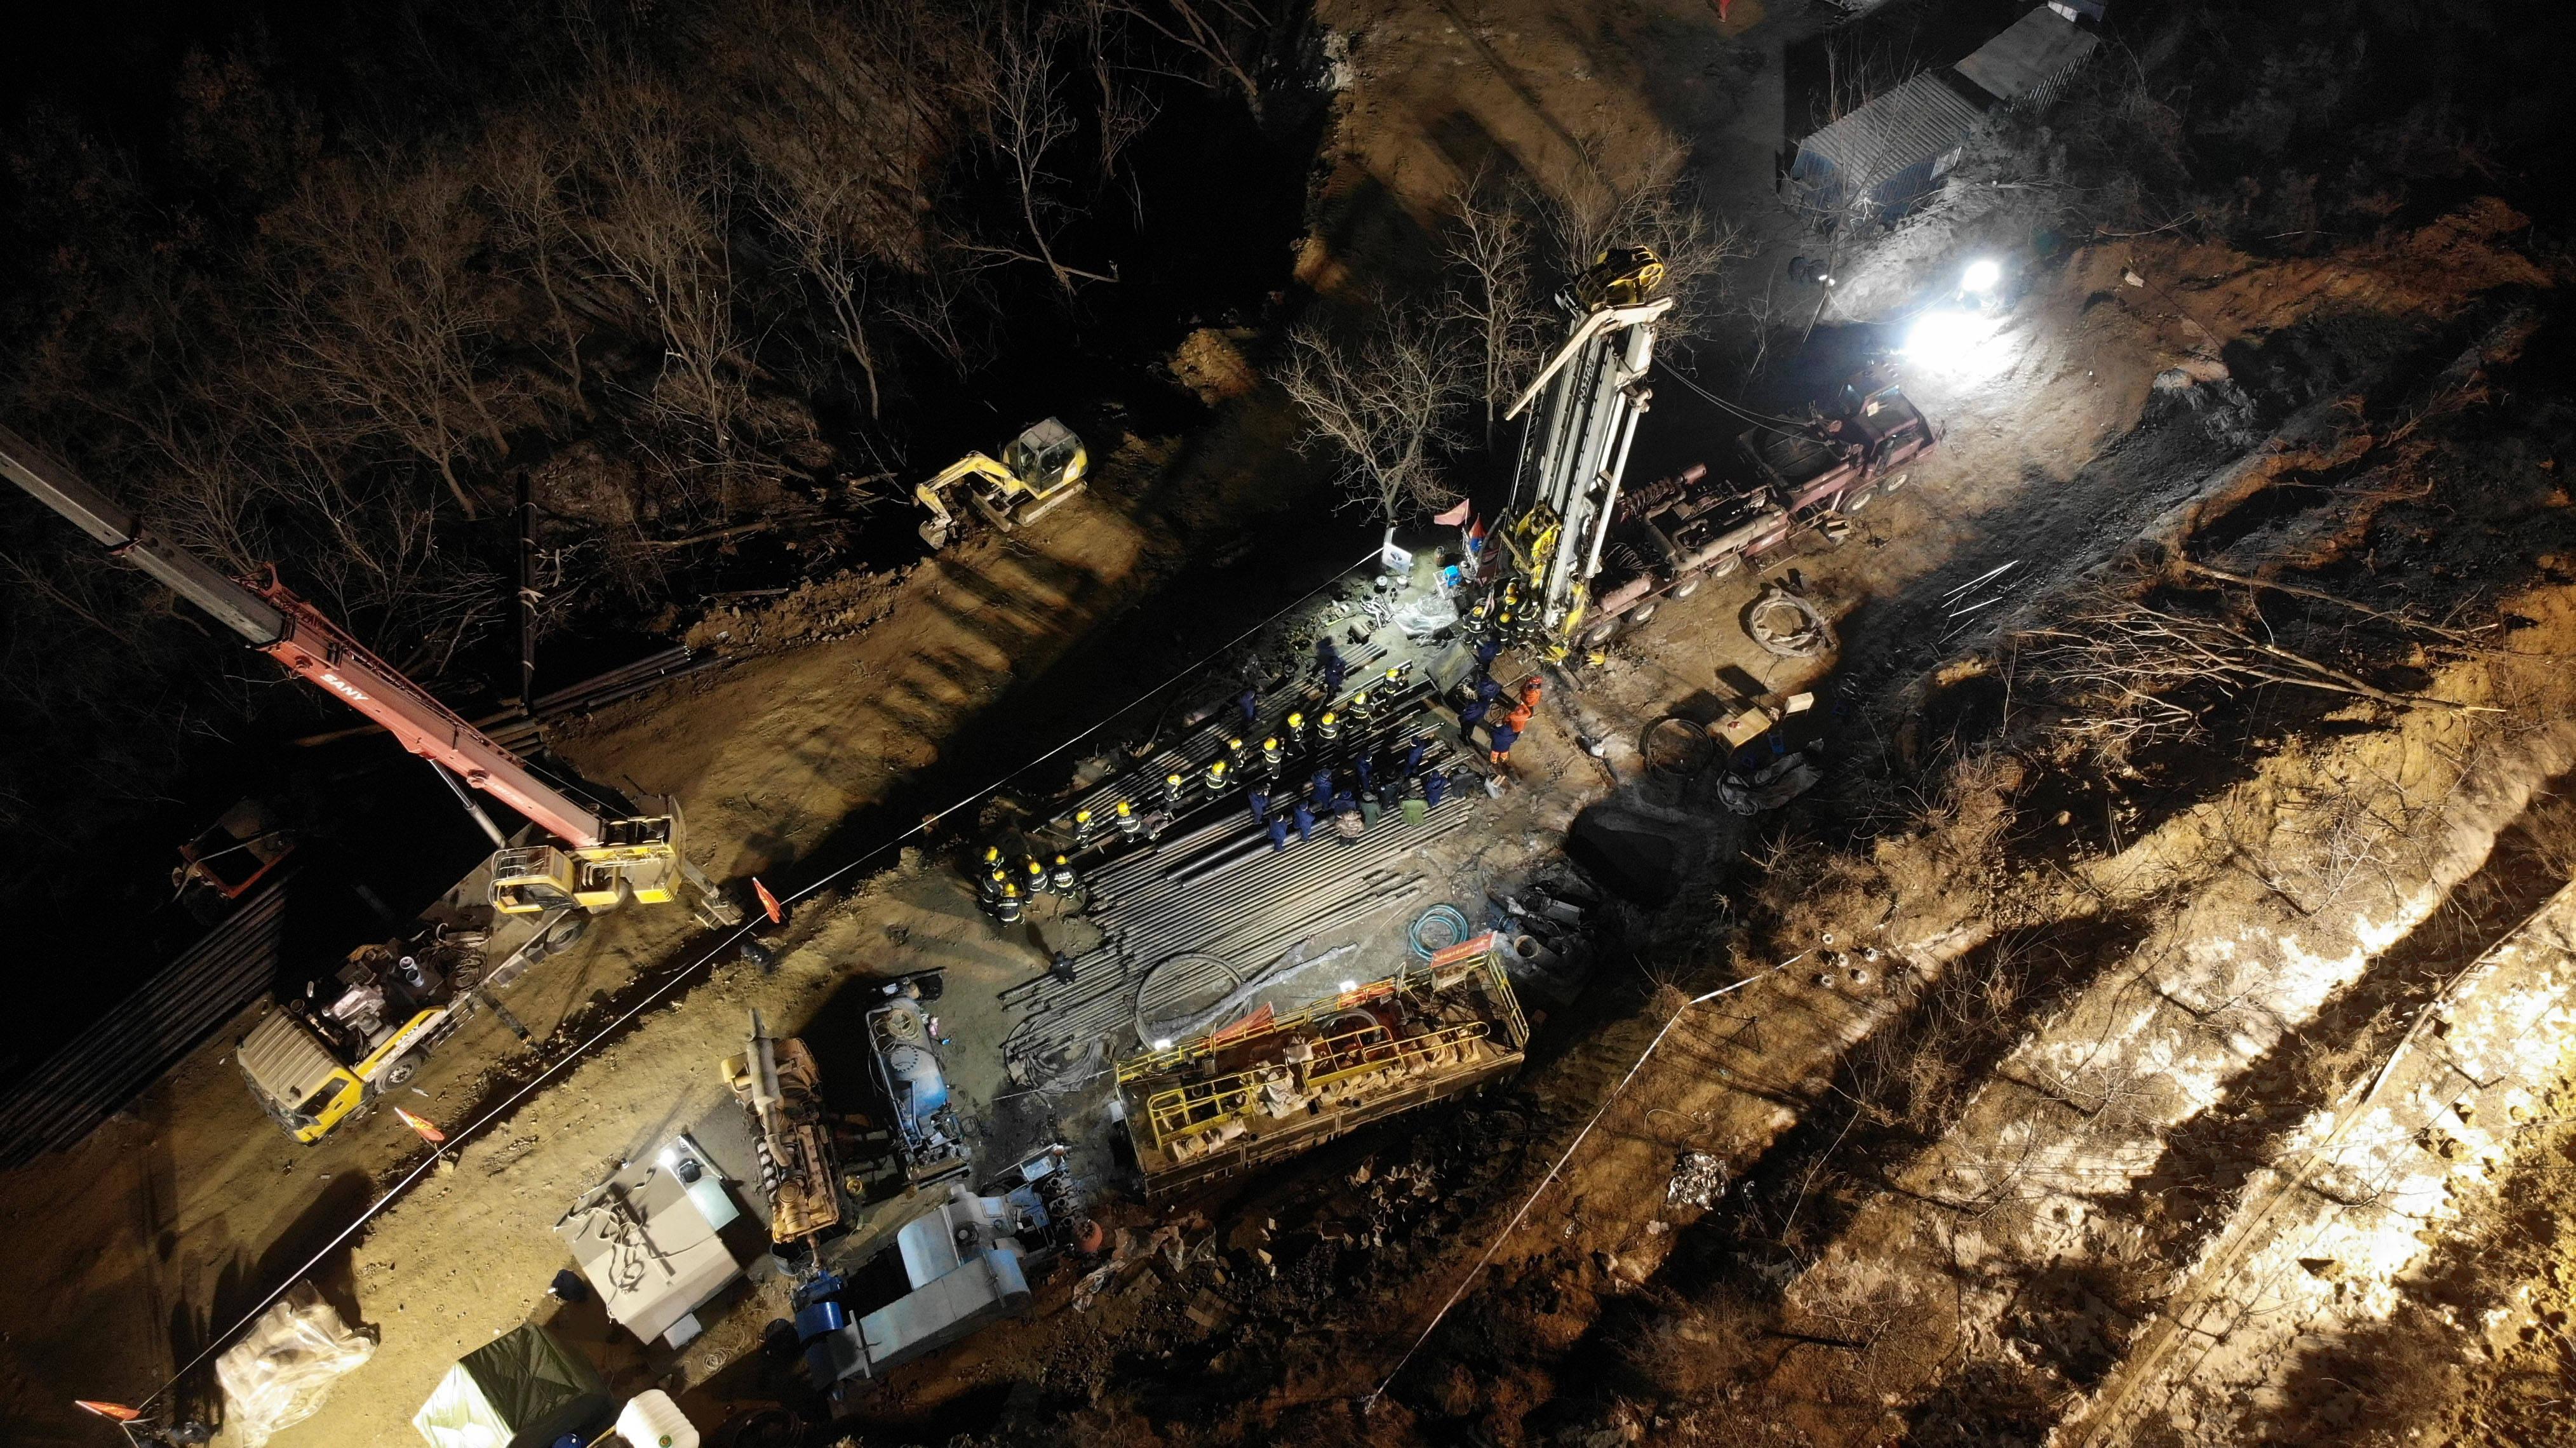 山东栖霞笏山金矿爆炸事故救援现场已与被困人员取得联系